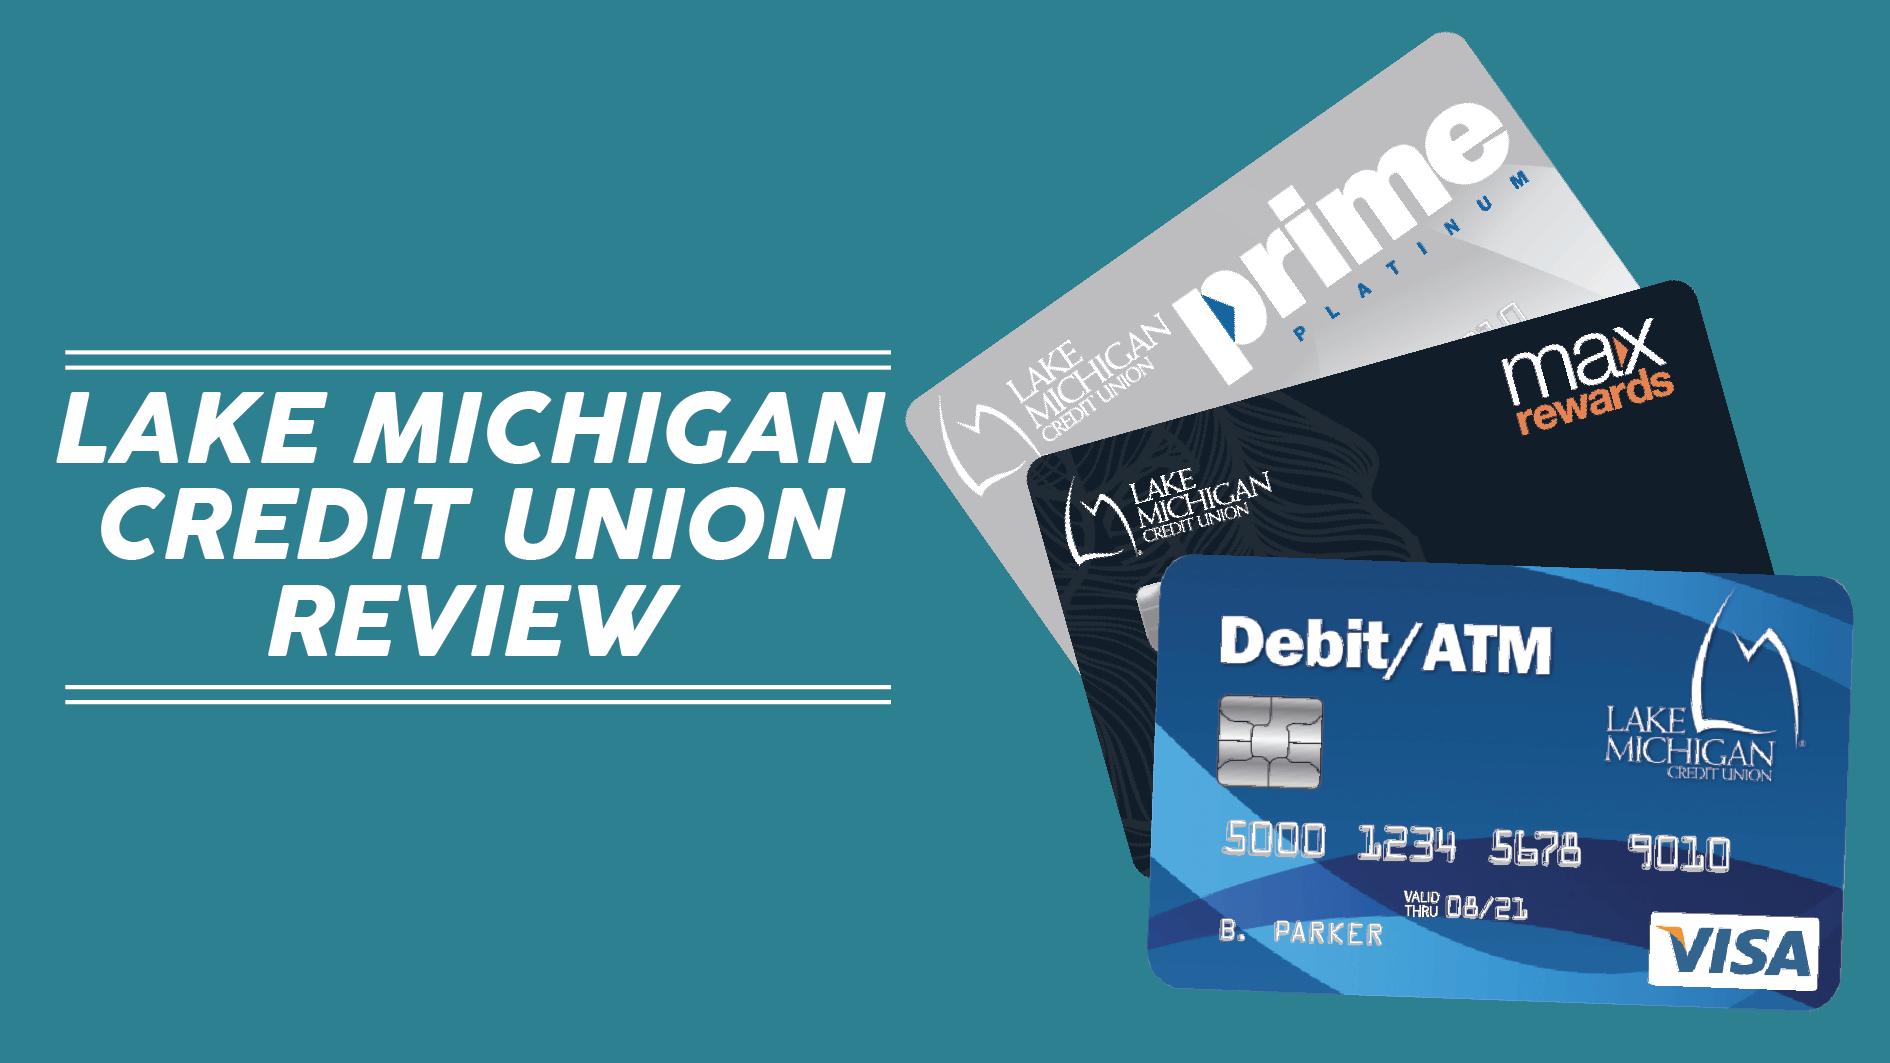 Lake Michigan Credit Union Review Credit Union Lake Michigan Union